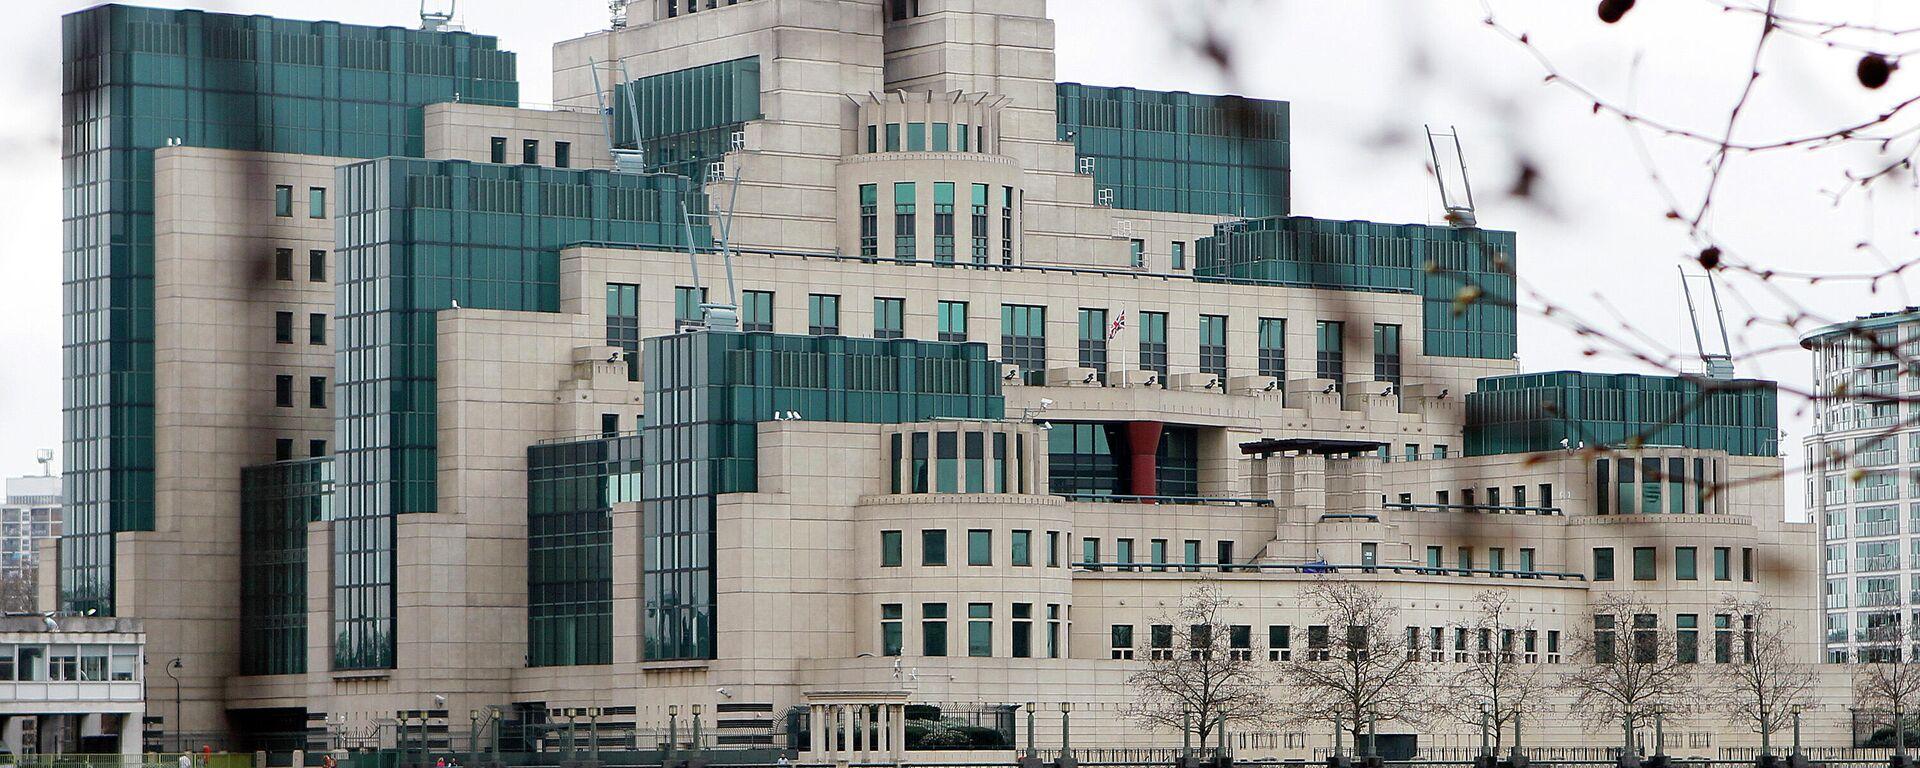 Der britische Geheimdienst MI6 - SNA, 1920, 17.07.2021